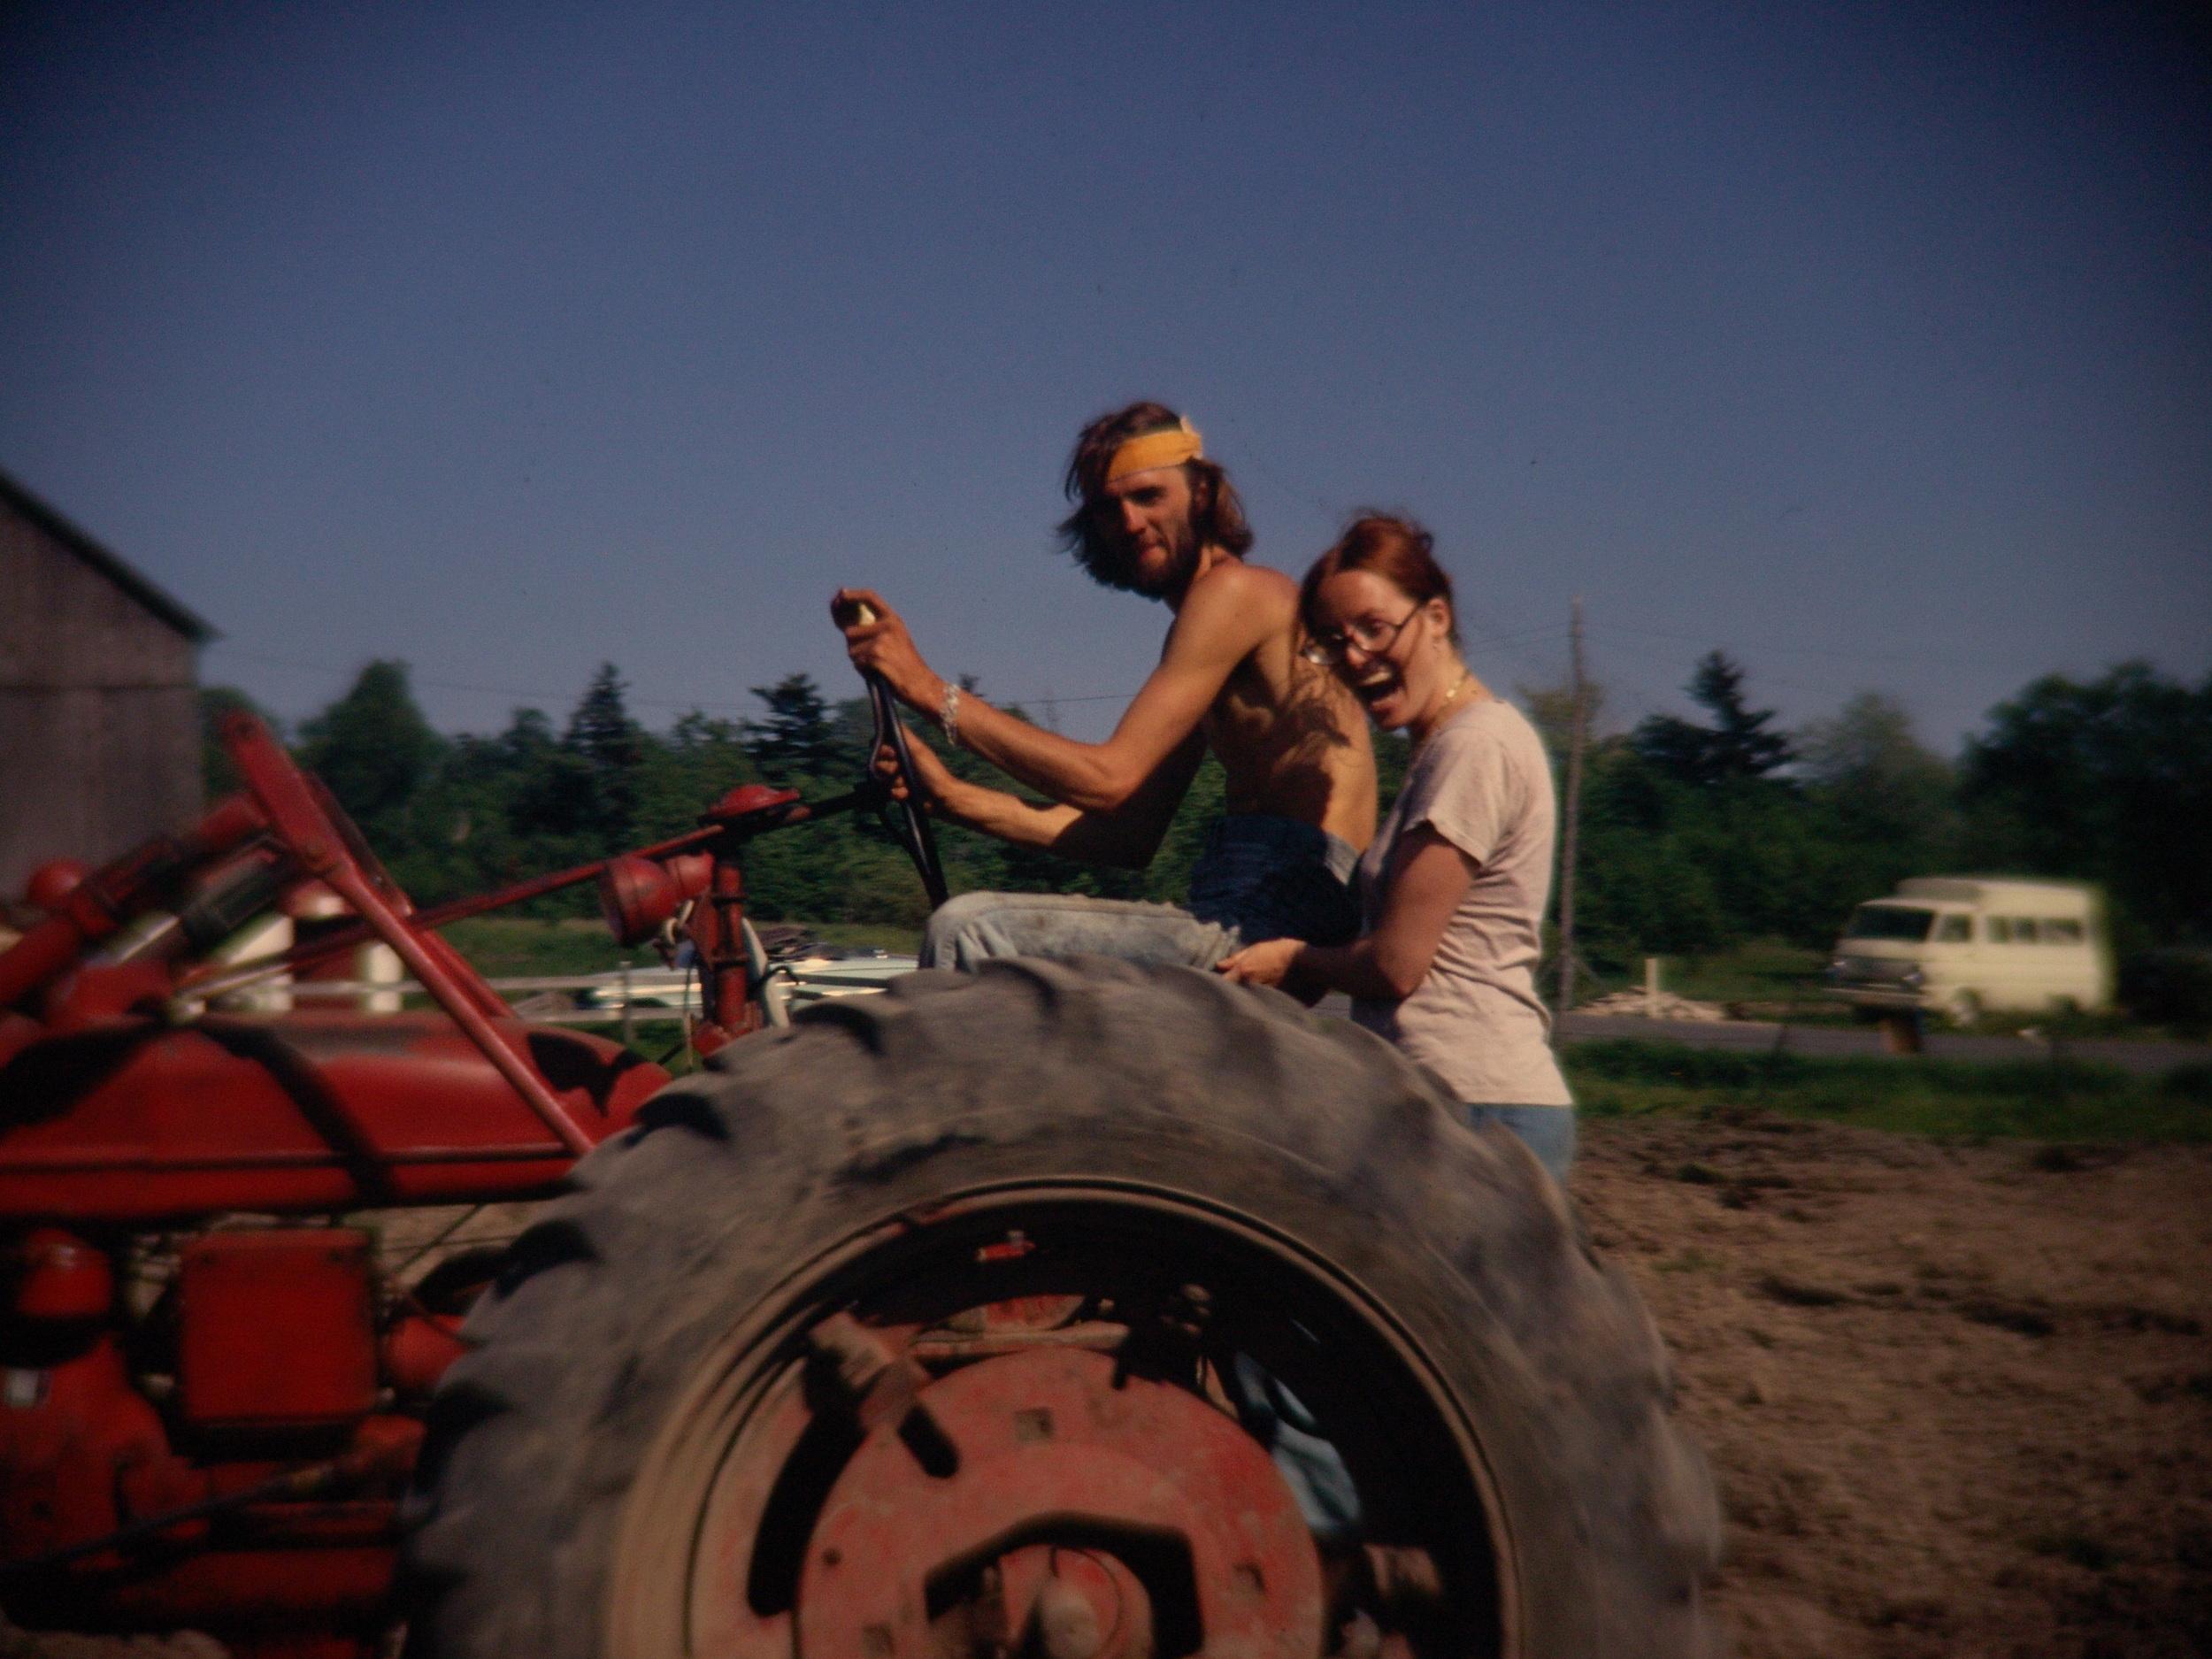 tractor3 copy.jpg